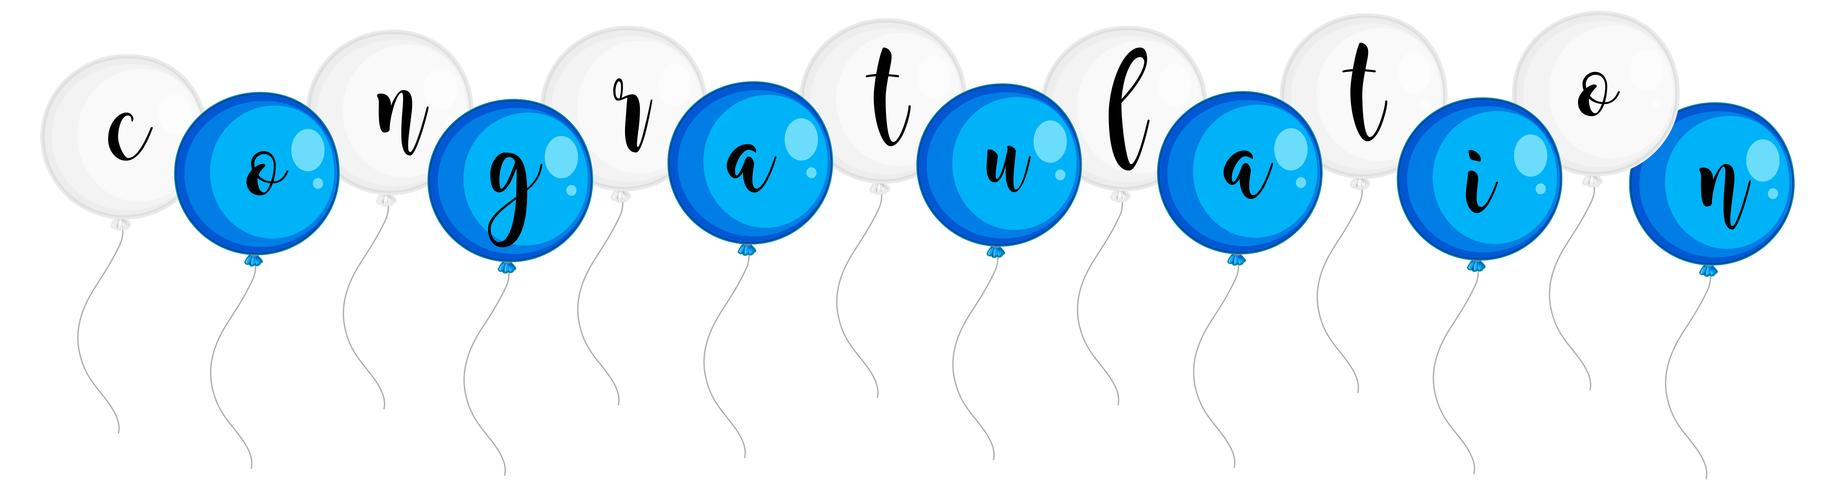 Parabéns palavra em balões azuis e brancos